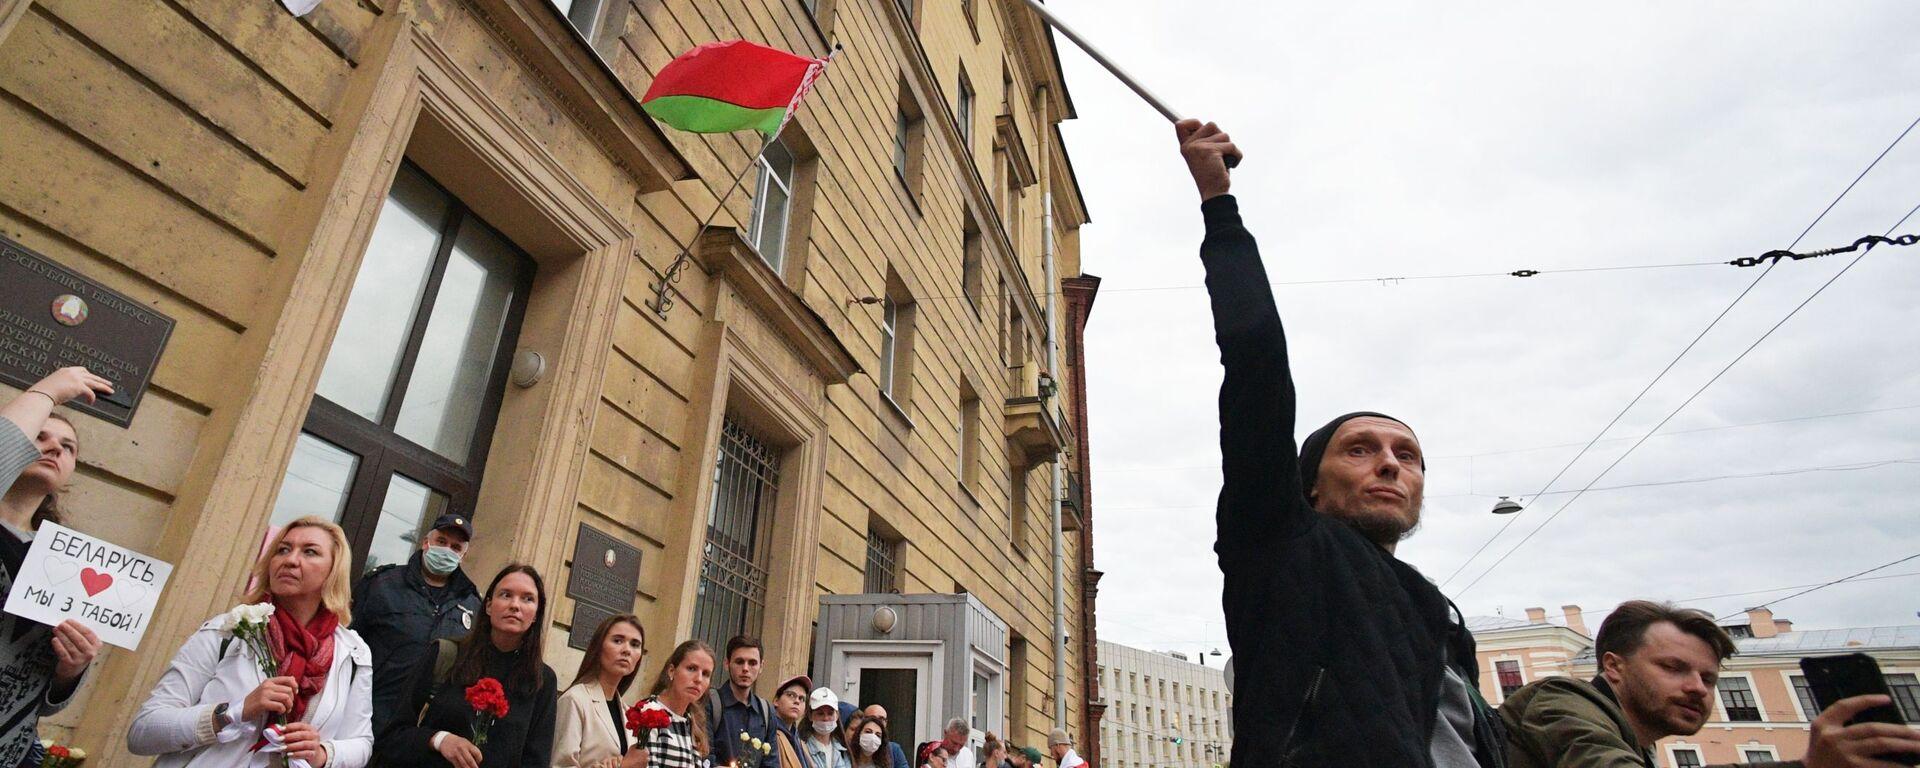 Protestas en Bielorrusia - Sputnik Mundo, 1920, 12.07.2021